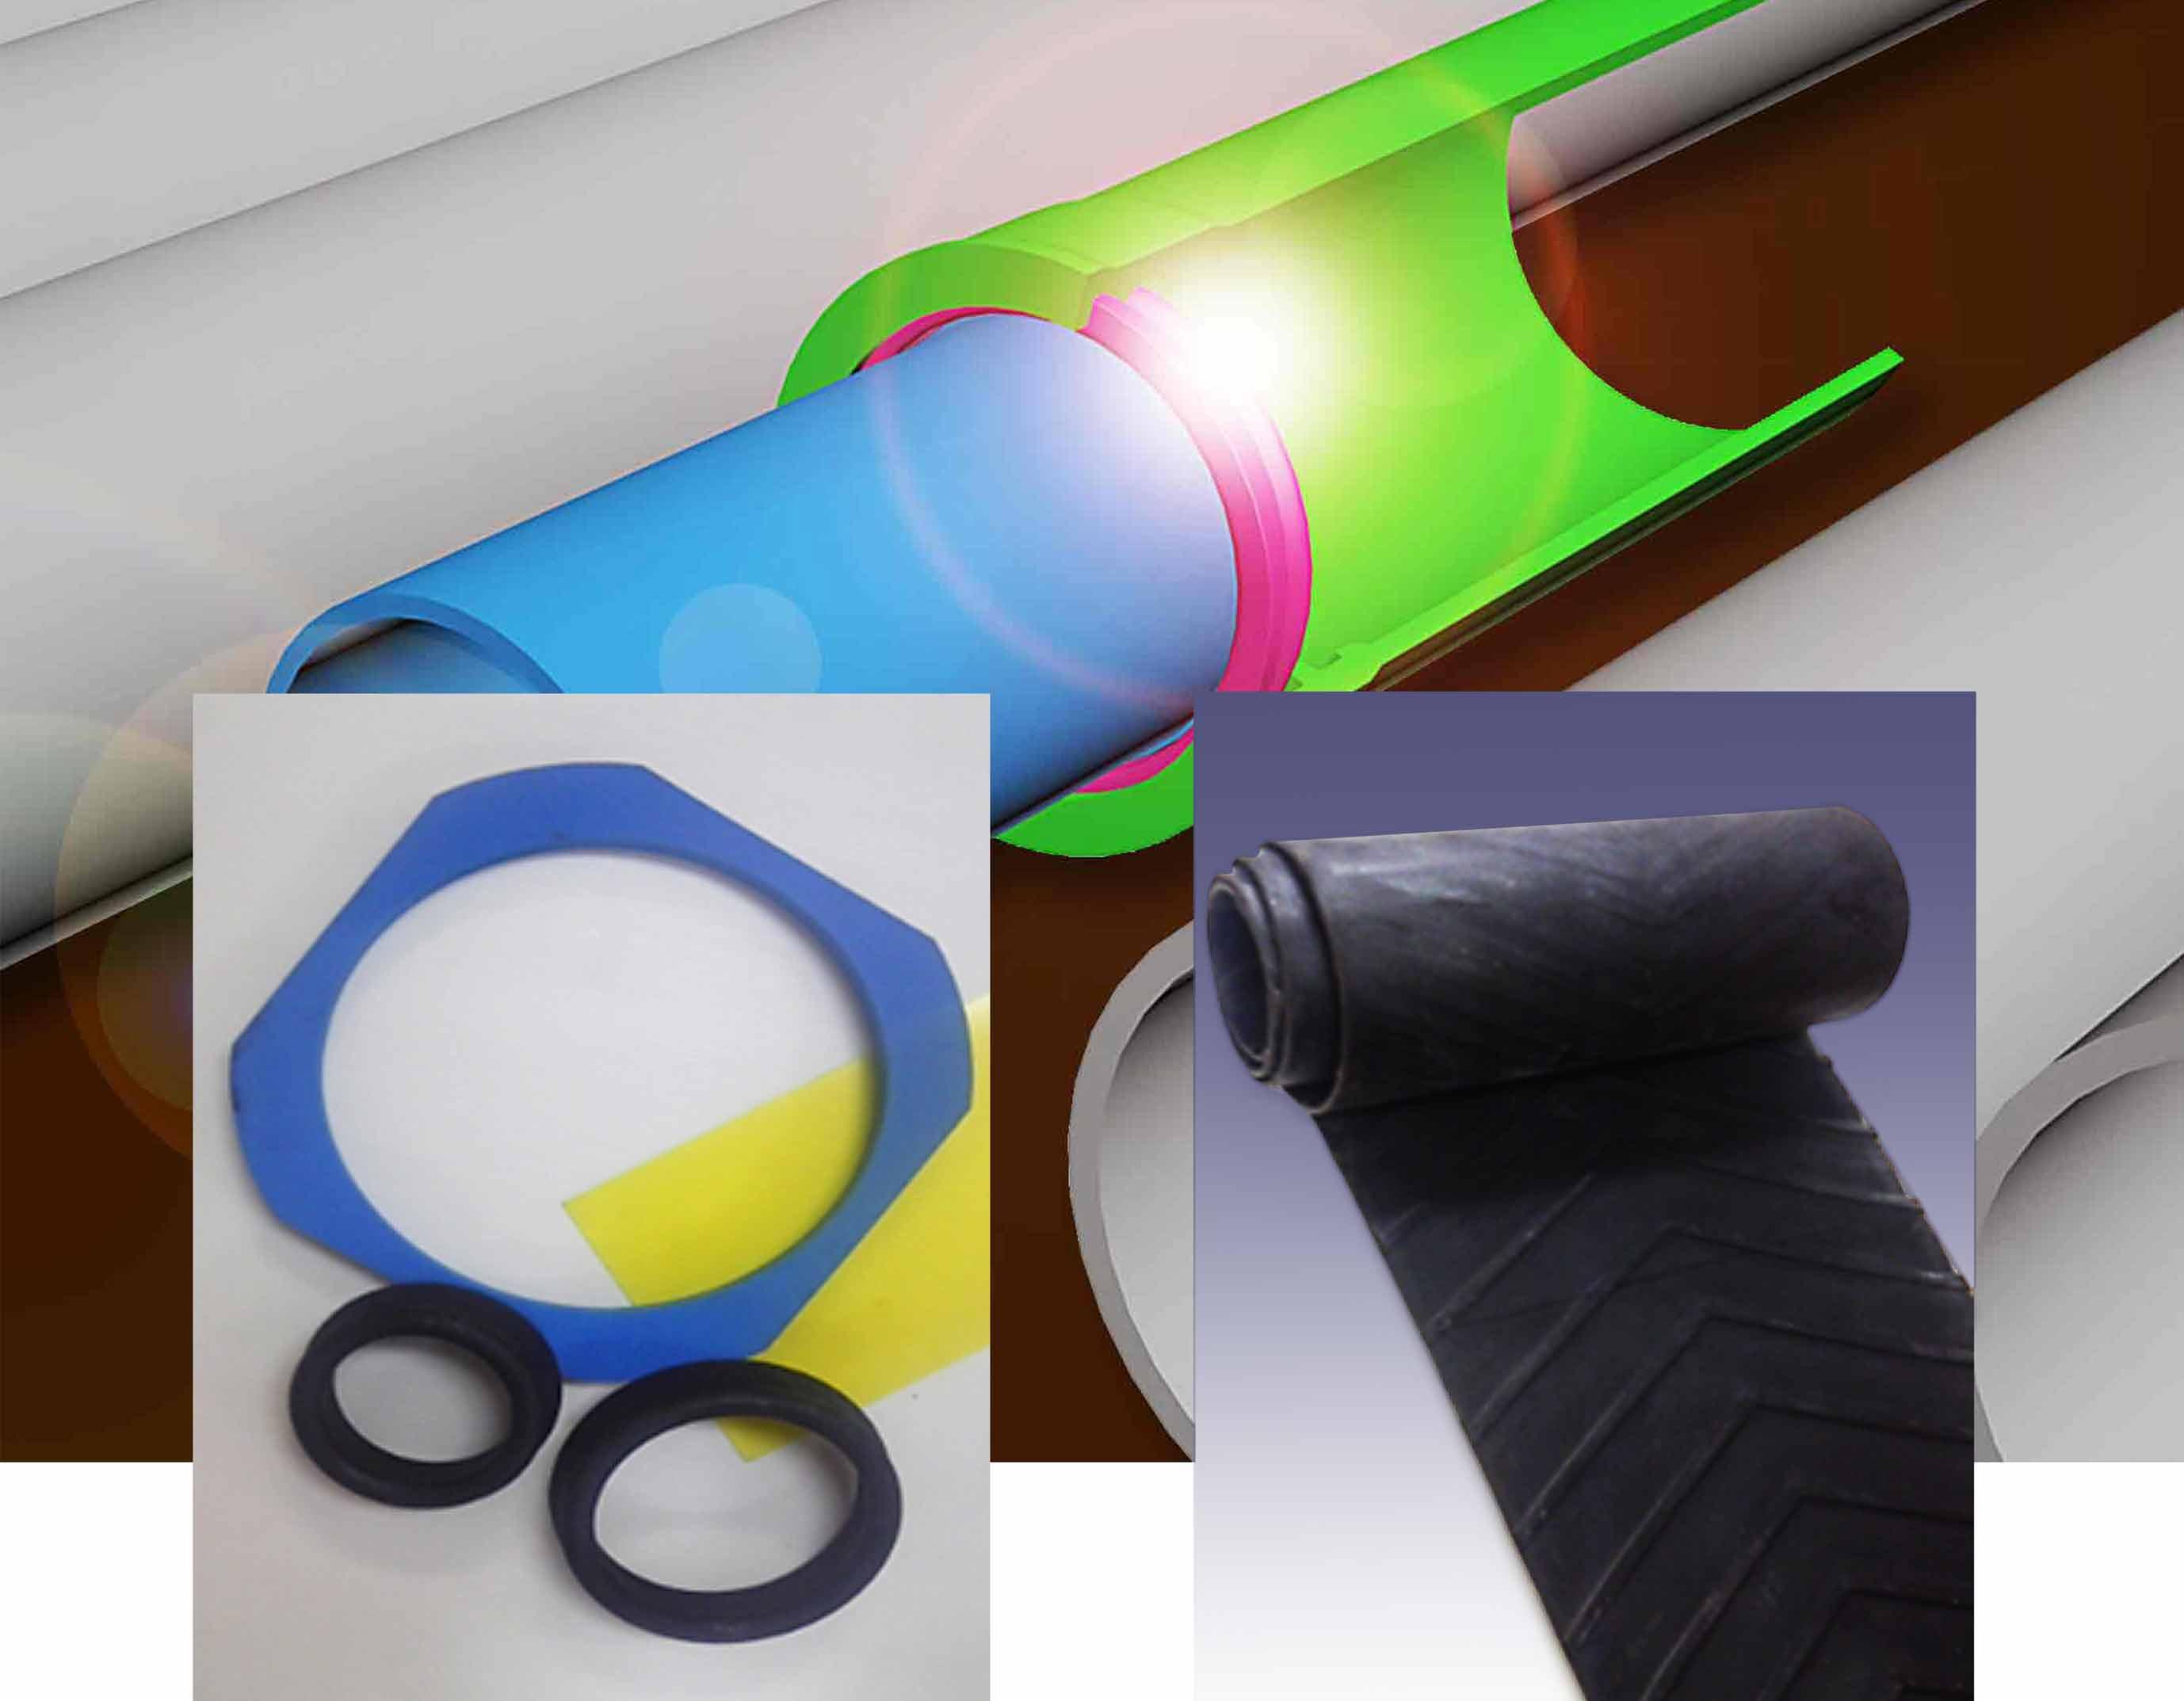 ゴム輪、ゴムベルト等の加工品やアクリル樹脂などの加工製品